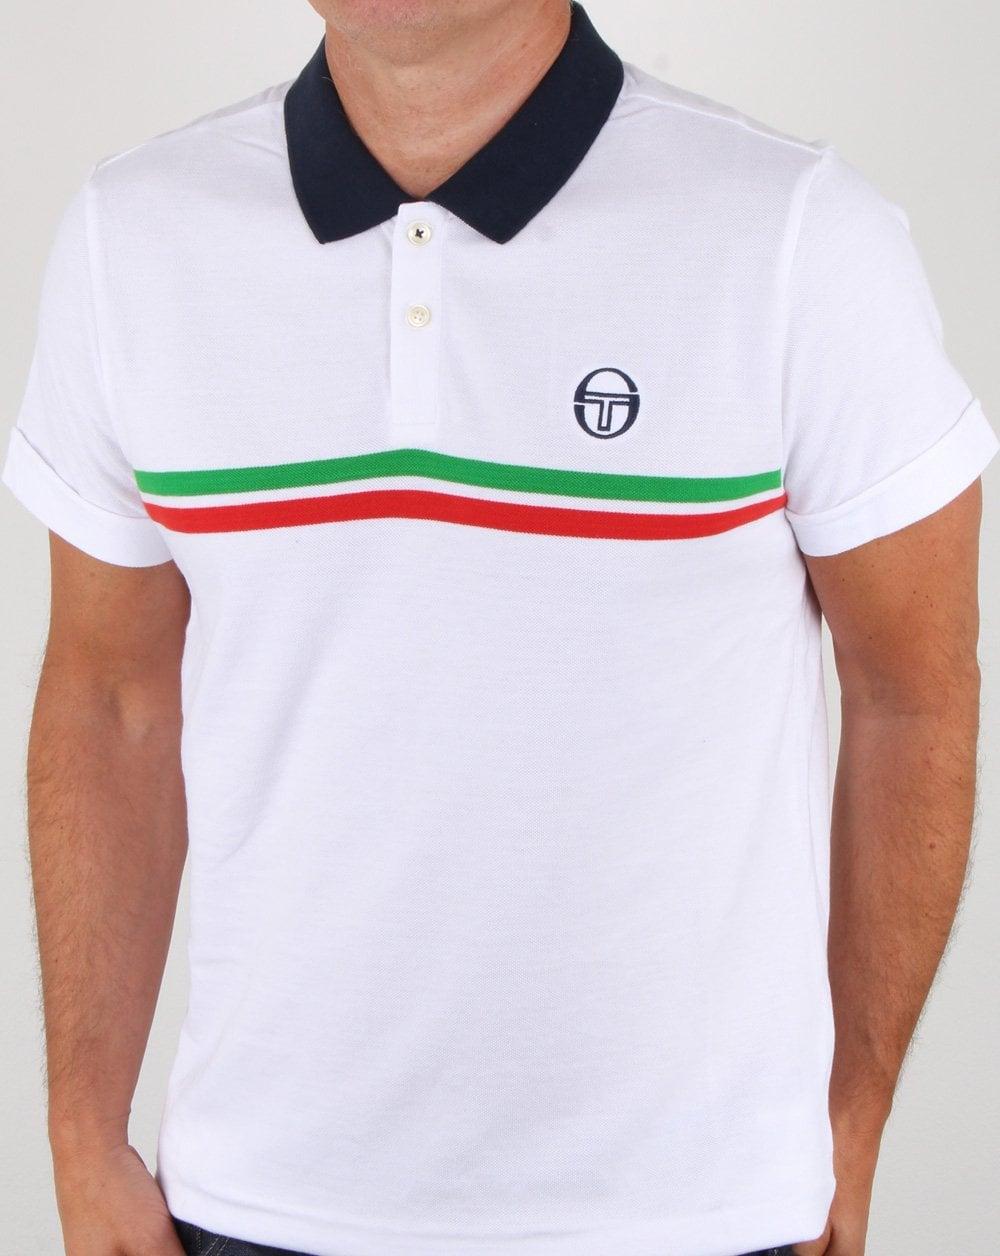 cecc6895 Sergio Tacchini Supermac Polo Shirt White/green/red, Mens, Polo,Stripe